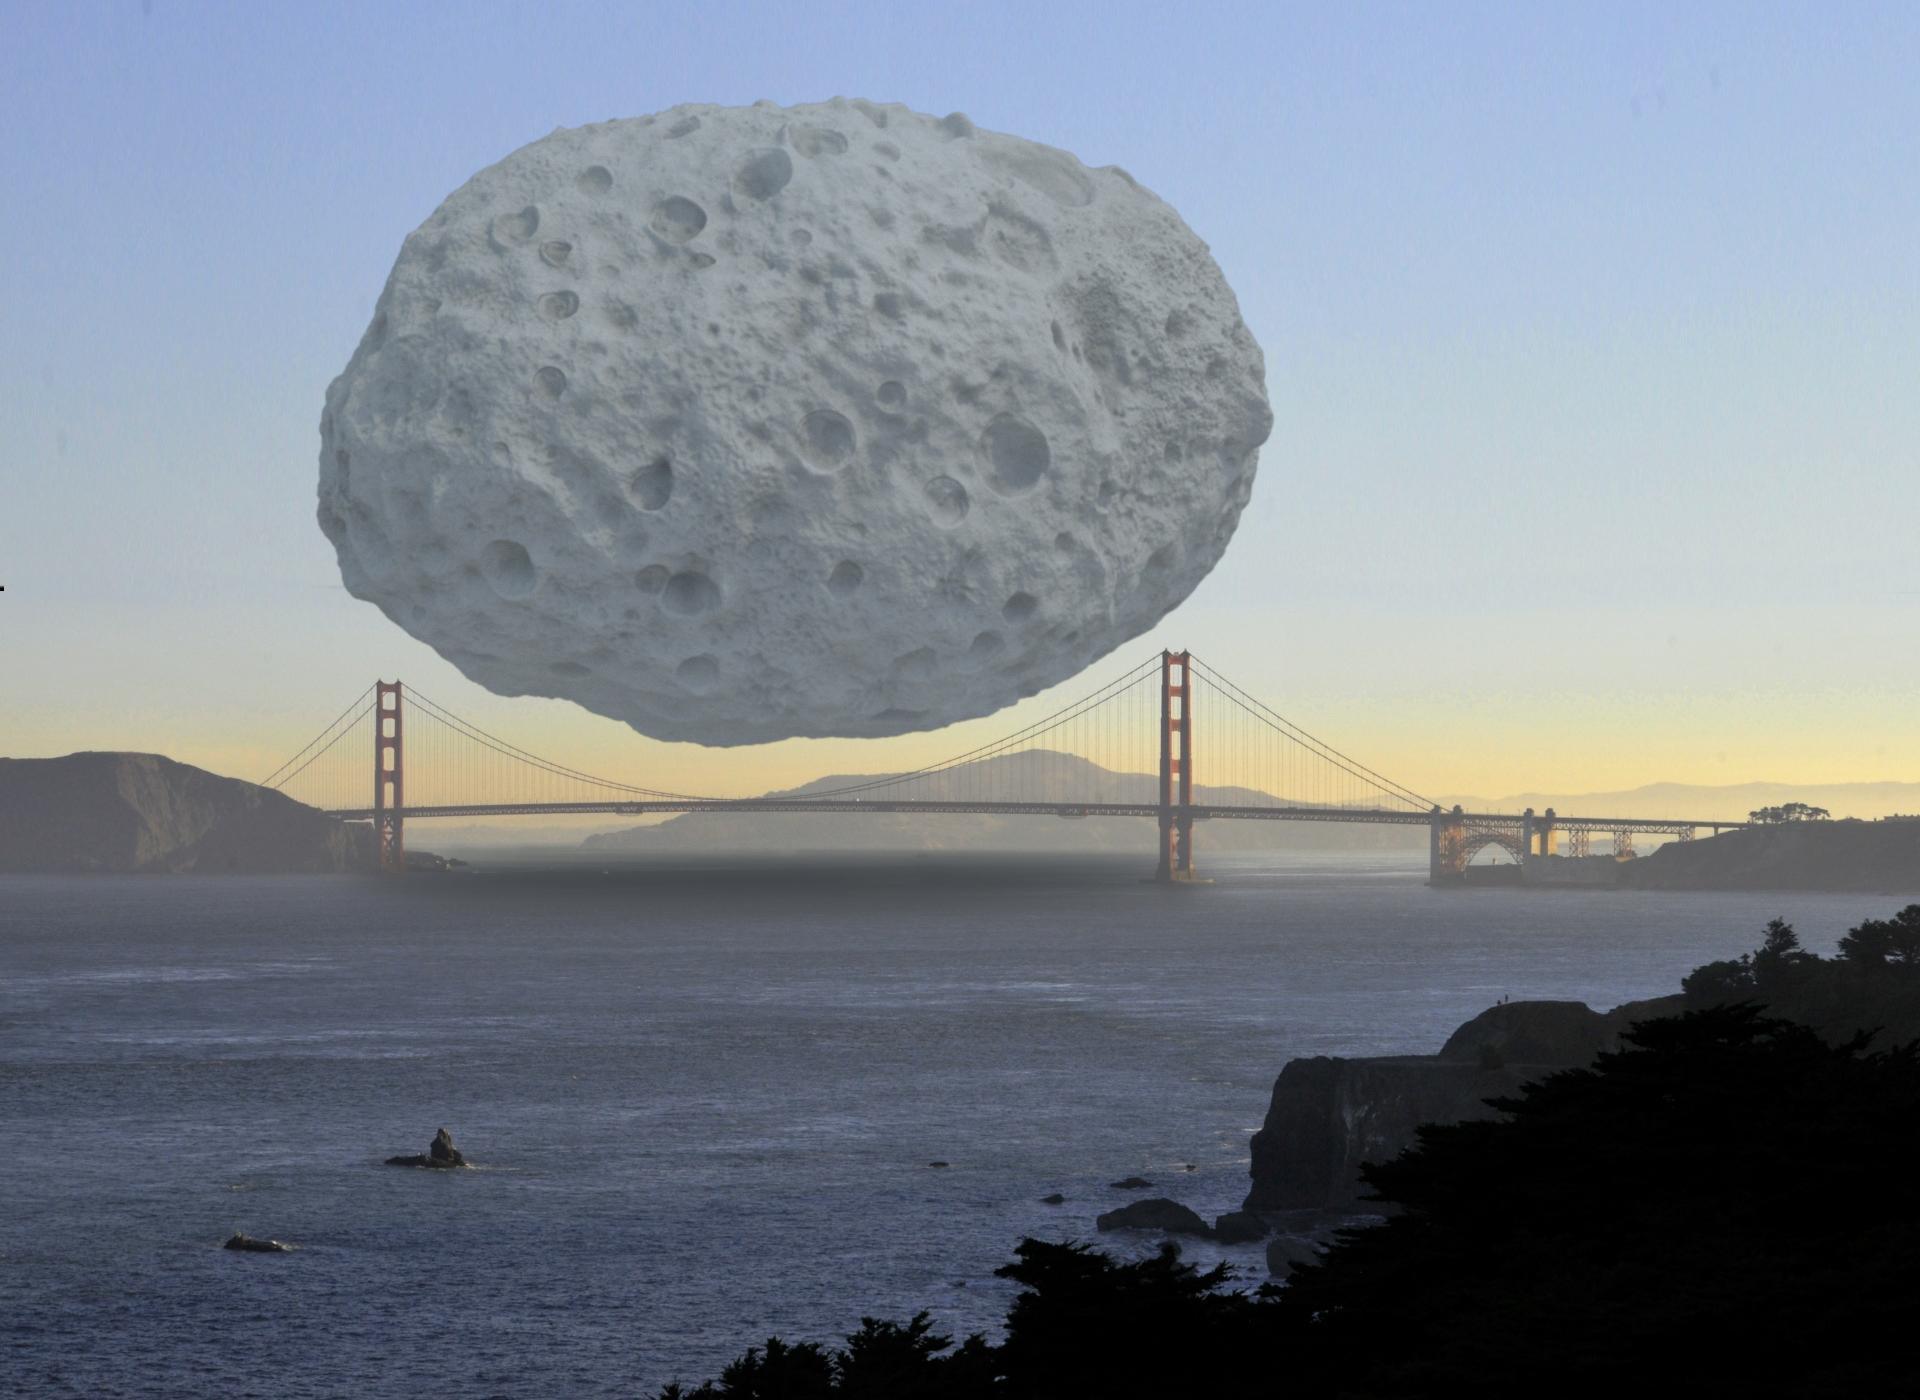 Быстрая перспектива: решение Кевина Висбета по наглядному представлению масштабности объектов